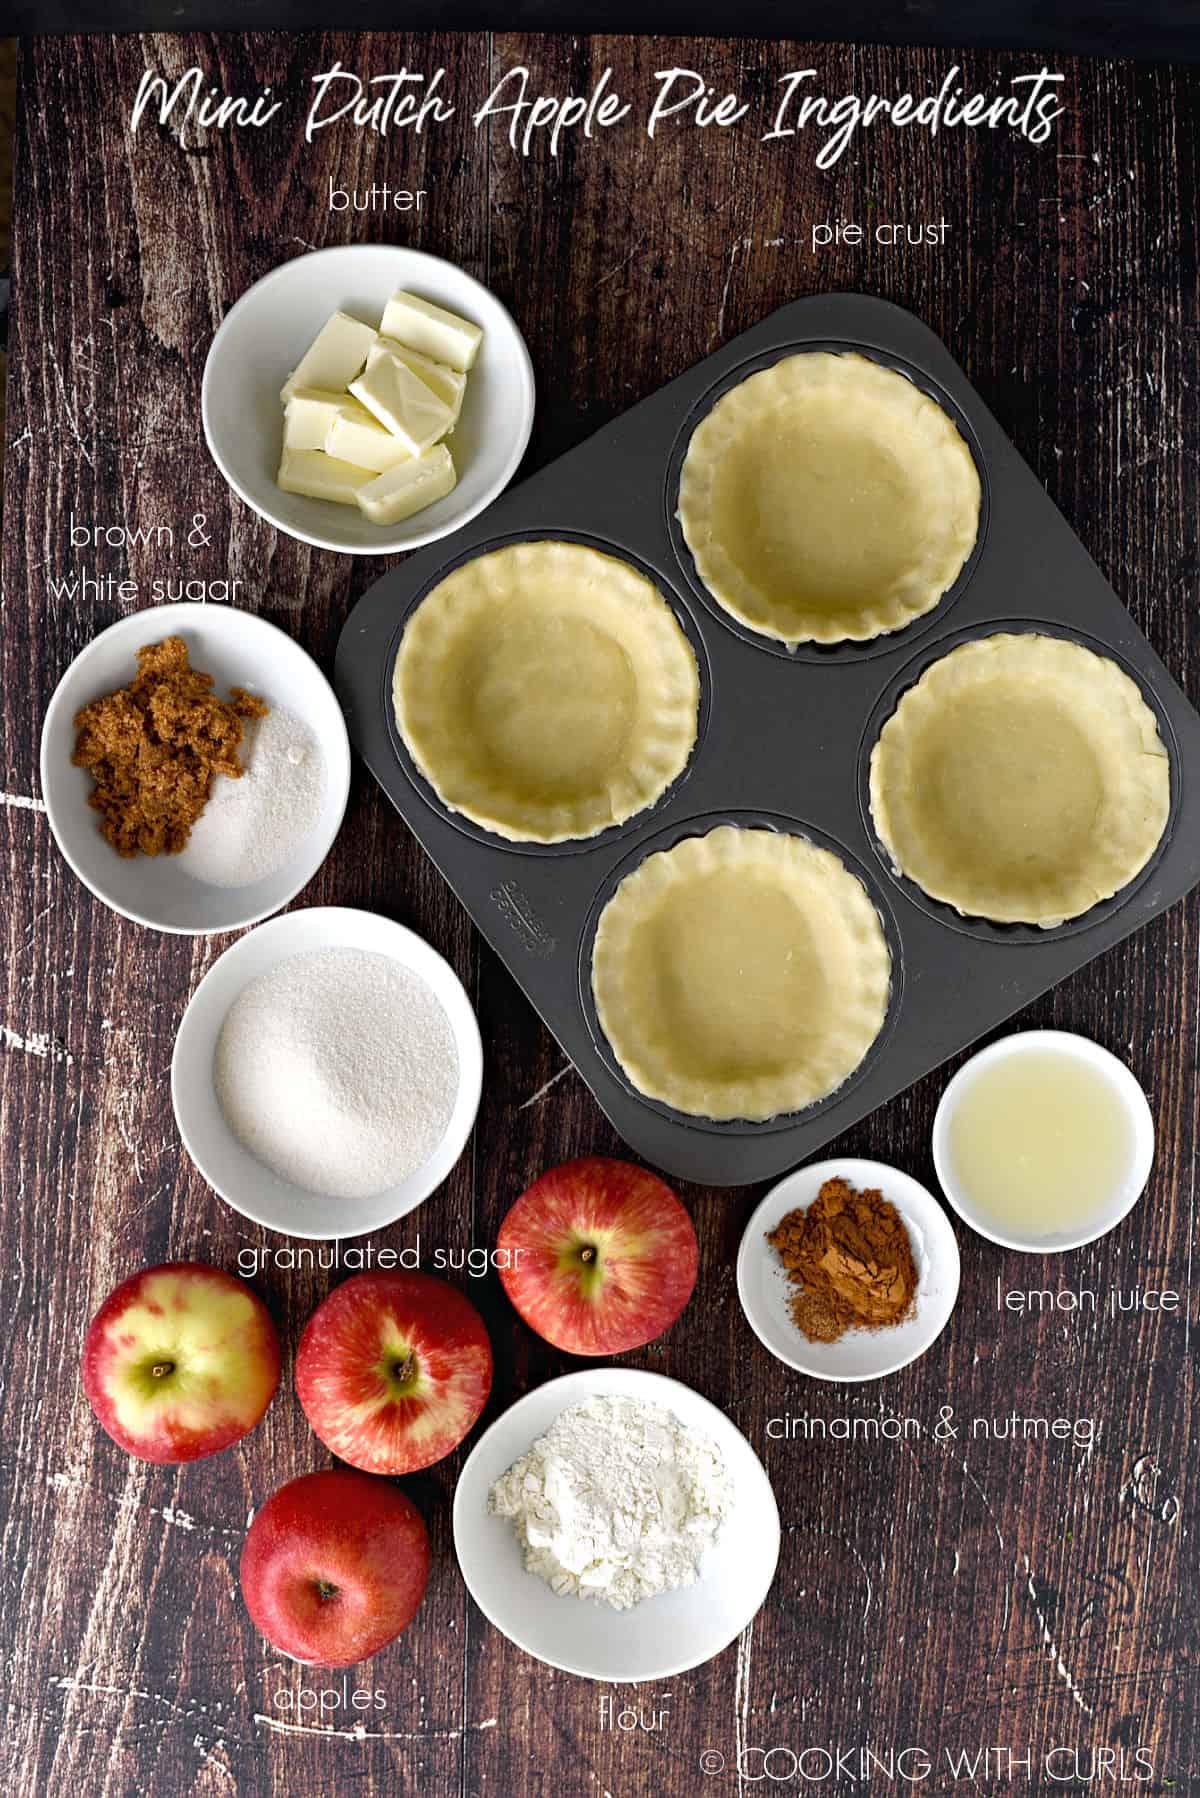 Mini Dutch Apple Pies Ingredients; pie crust, butter, sugar, brown sugar, apples, flour, cinnamon, nutmeg, and lemon juice.